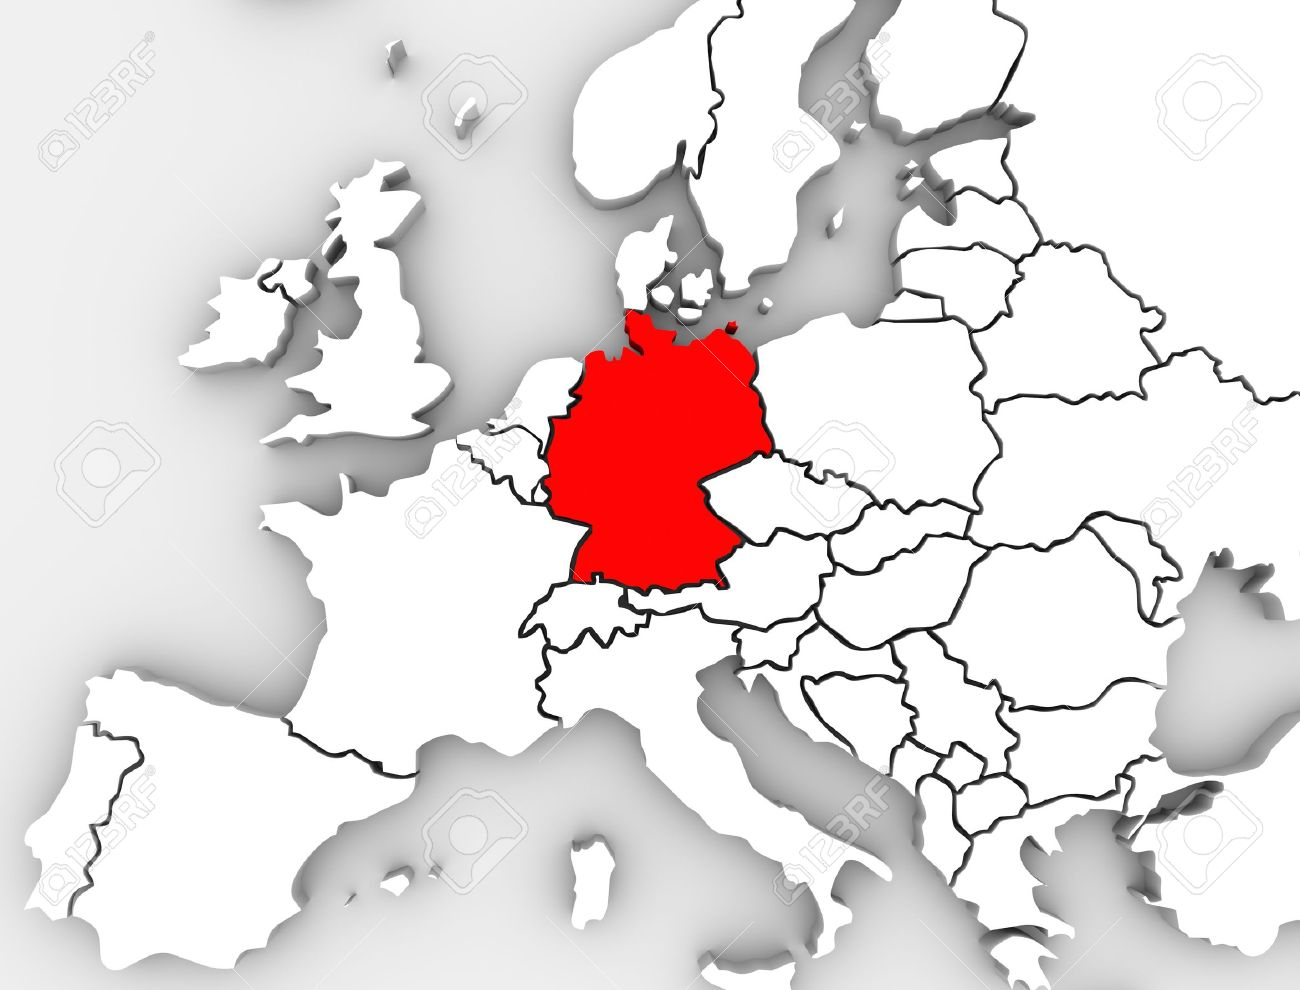 赤のドイツ国と白の他の欧州諸国...